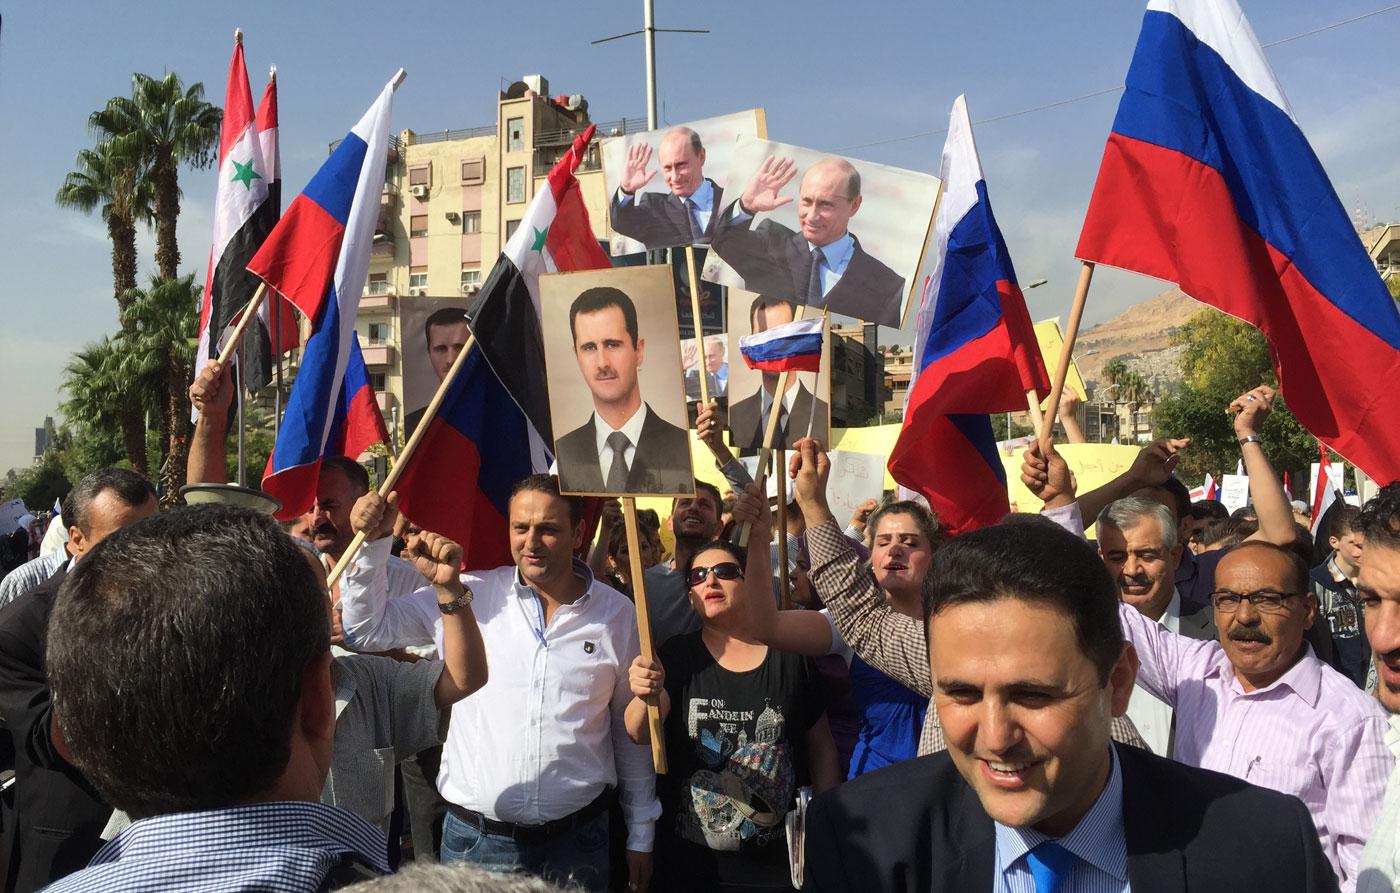 ЛОВДТ МВД сирийцы о путине 2016 узоры